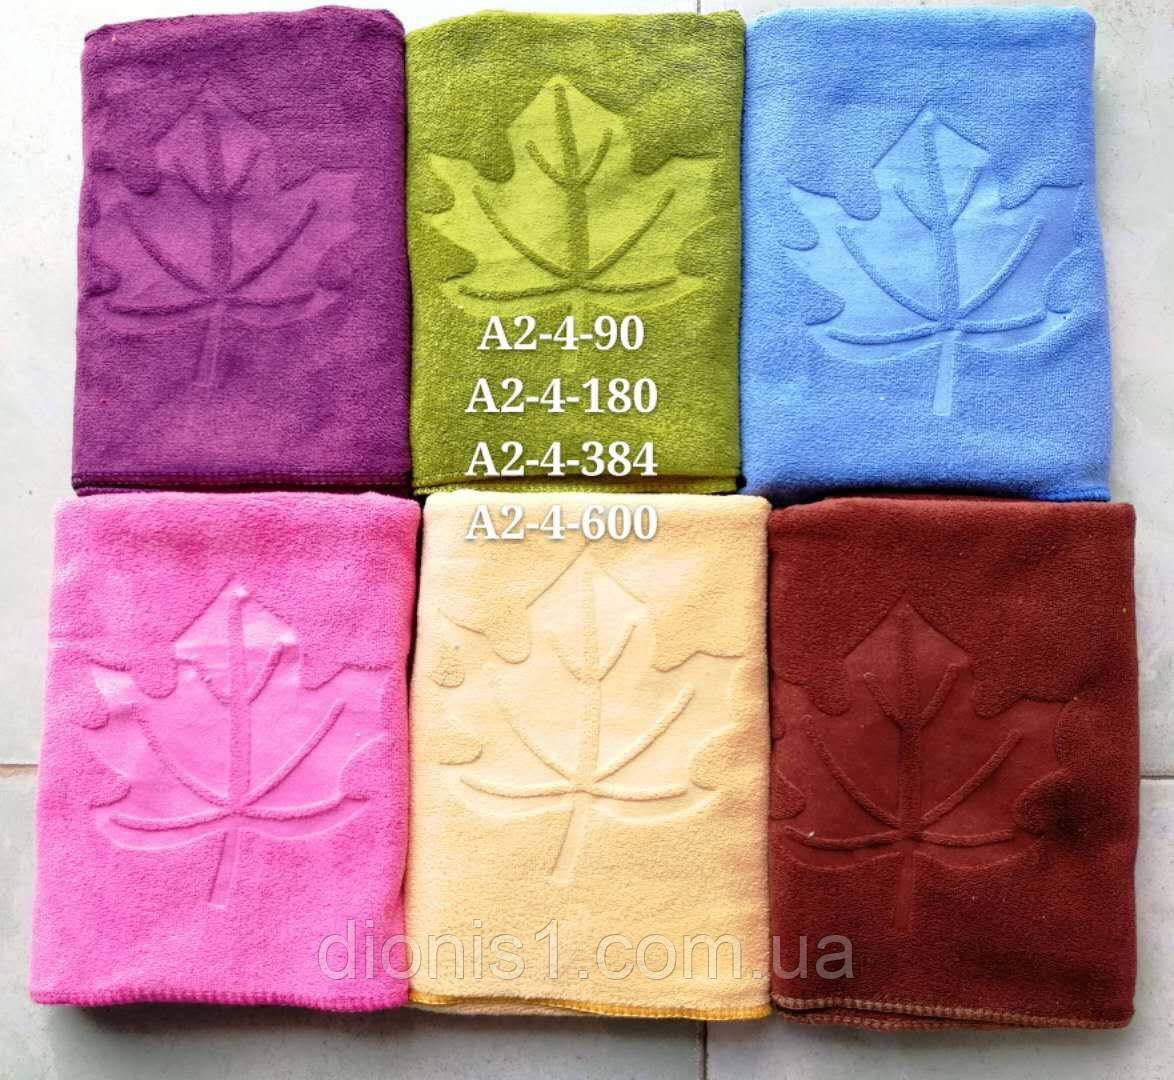 Рушник лицьове Кленовий листочок мікрофібра 6 шт в упаковці. 50х90